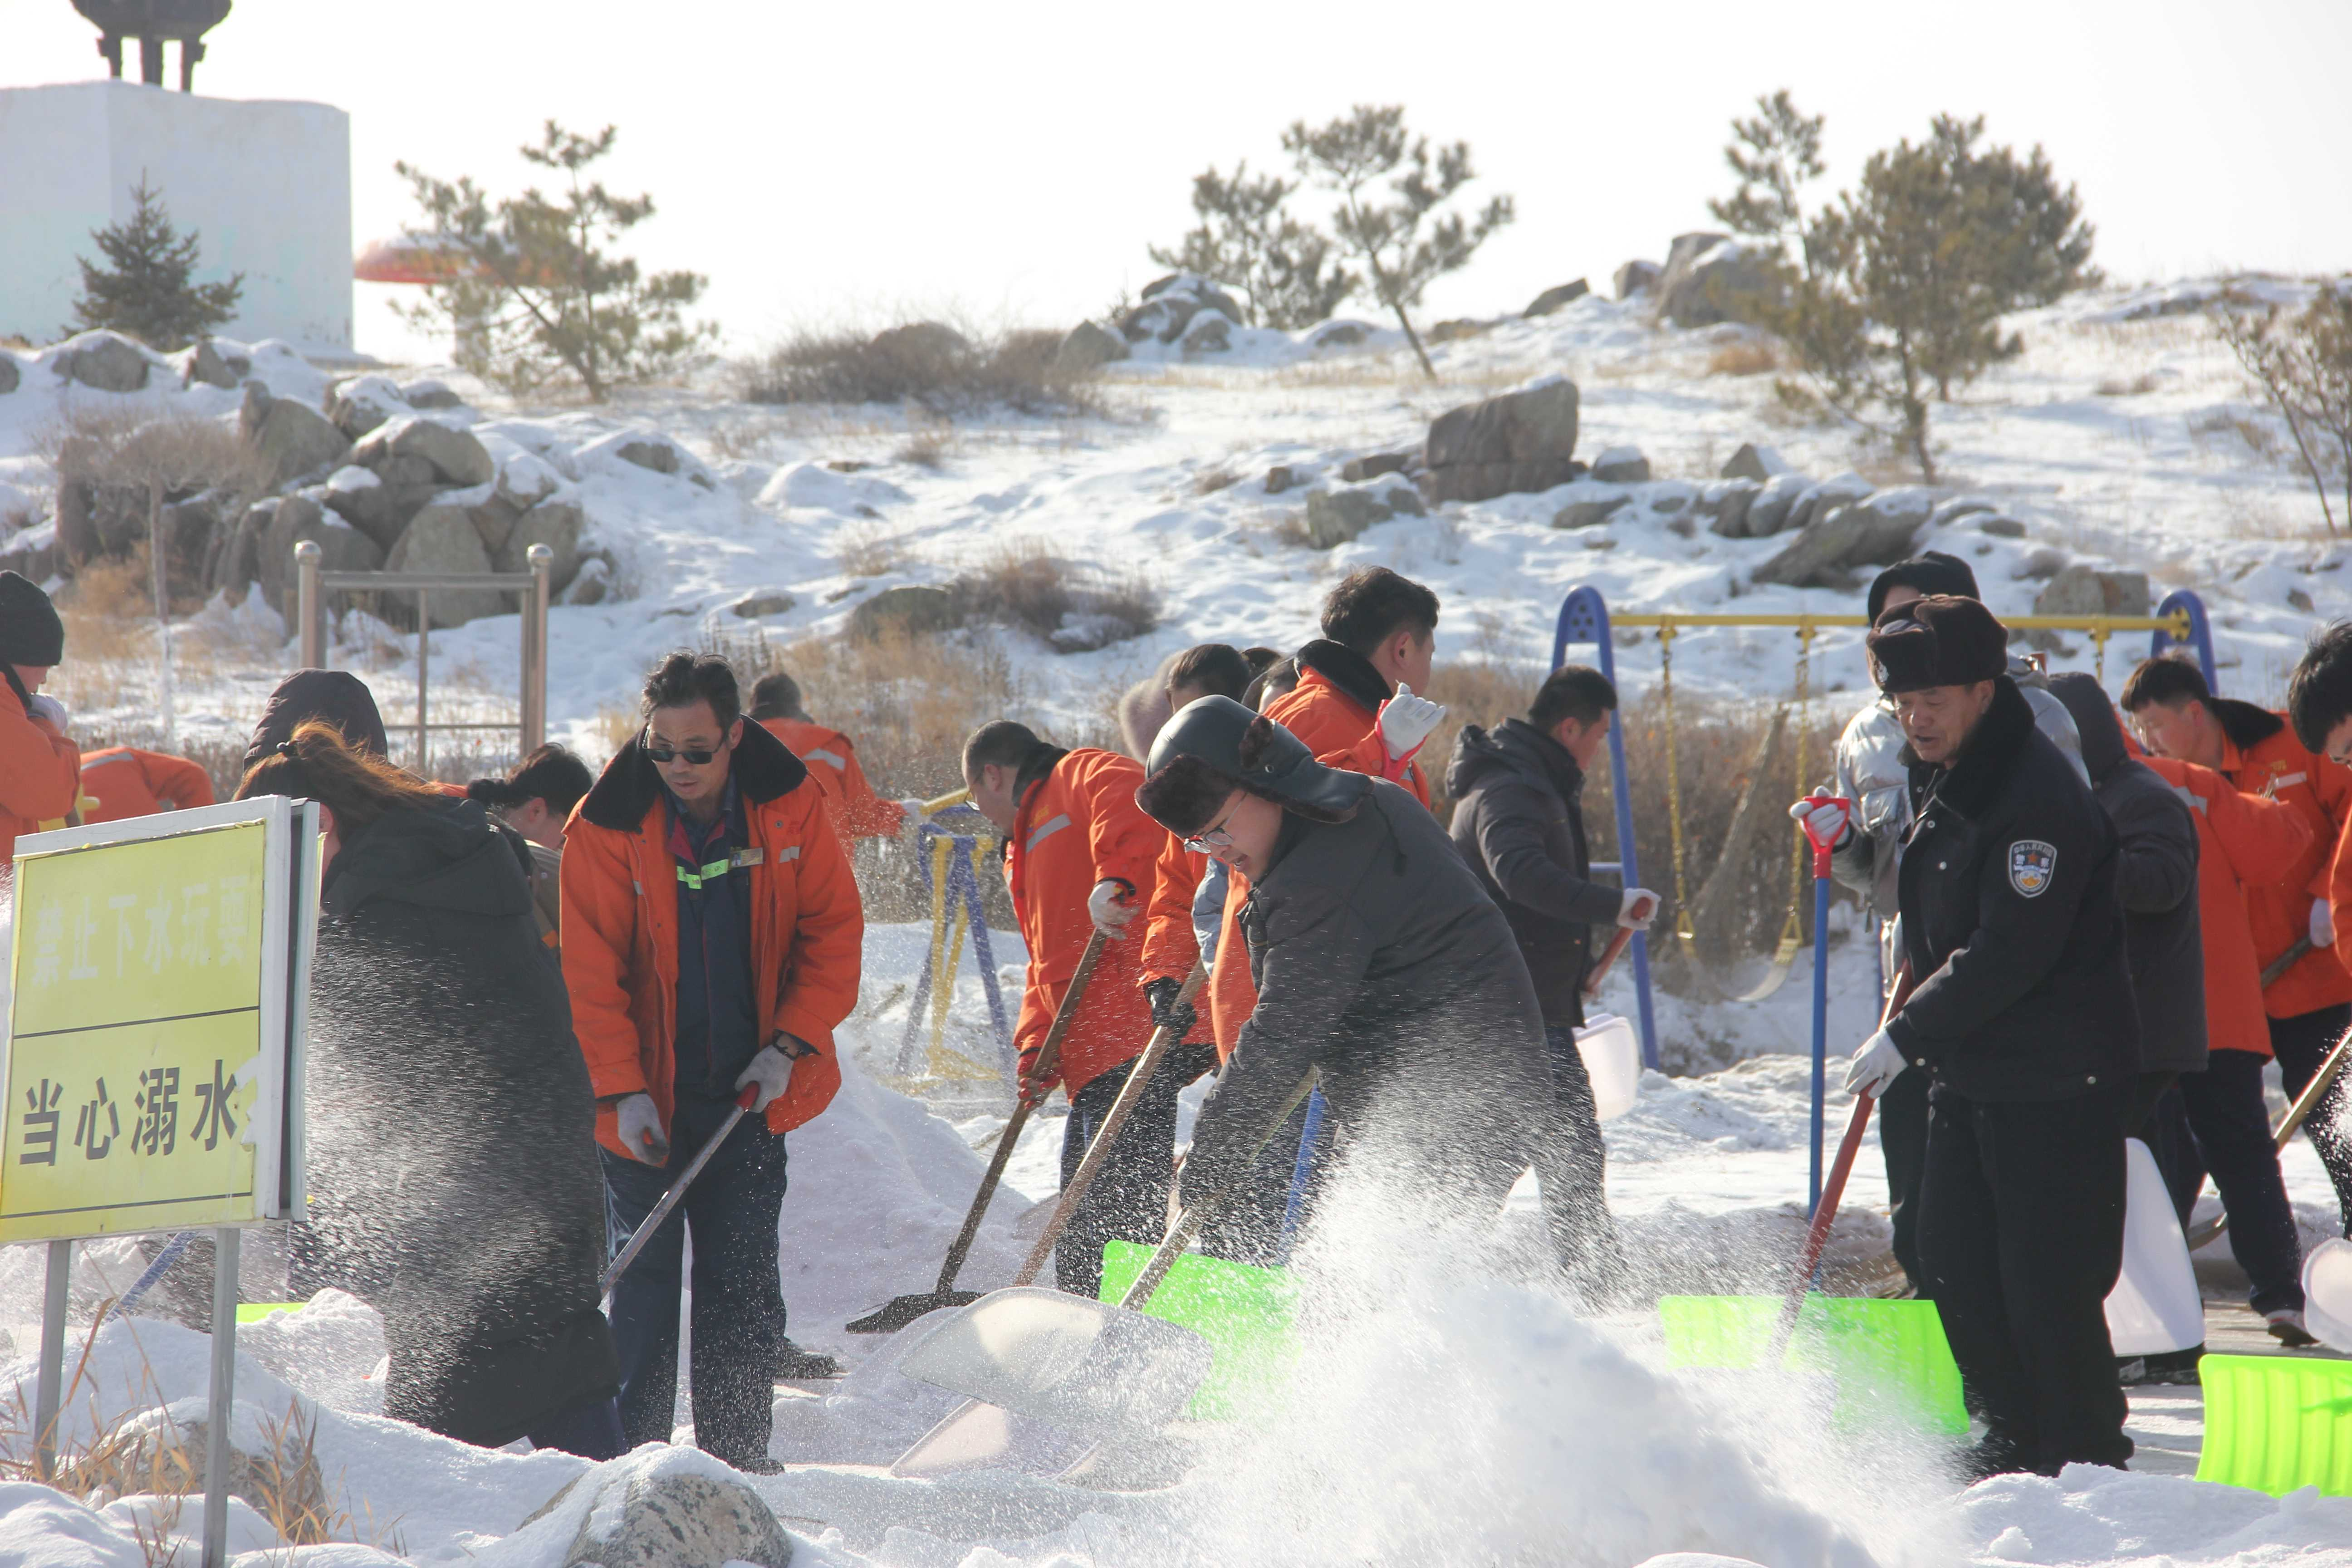 黨團員做表率鏟雪除冰進行時-鏟雪除冰8